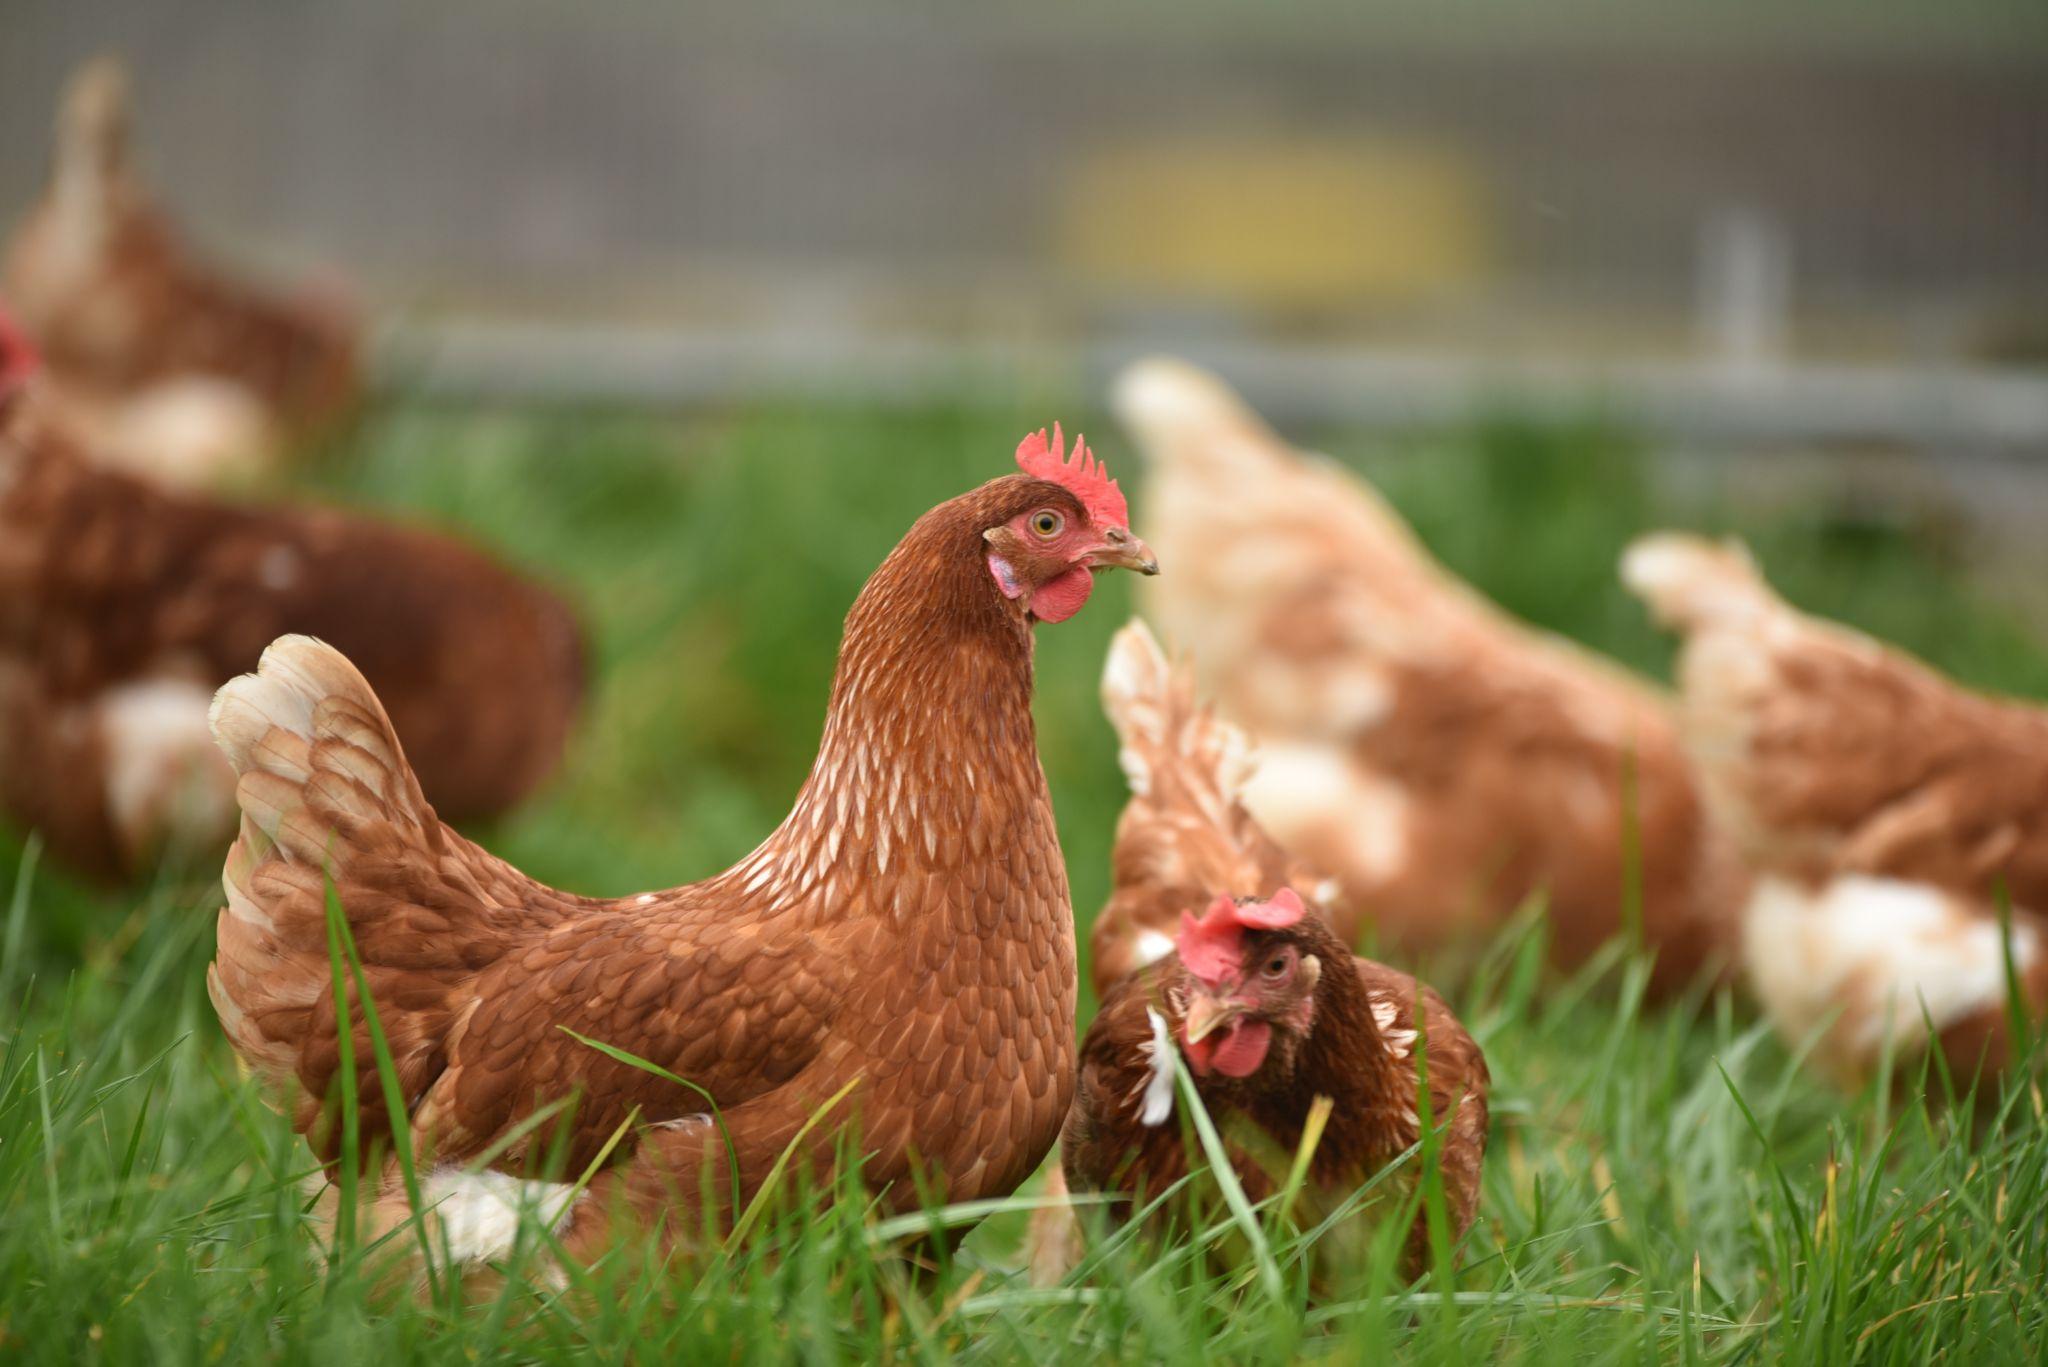 魚粉は高価!?飼料の魚粉の栄養と高騰している理由を解説!